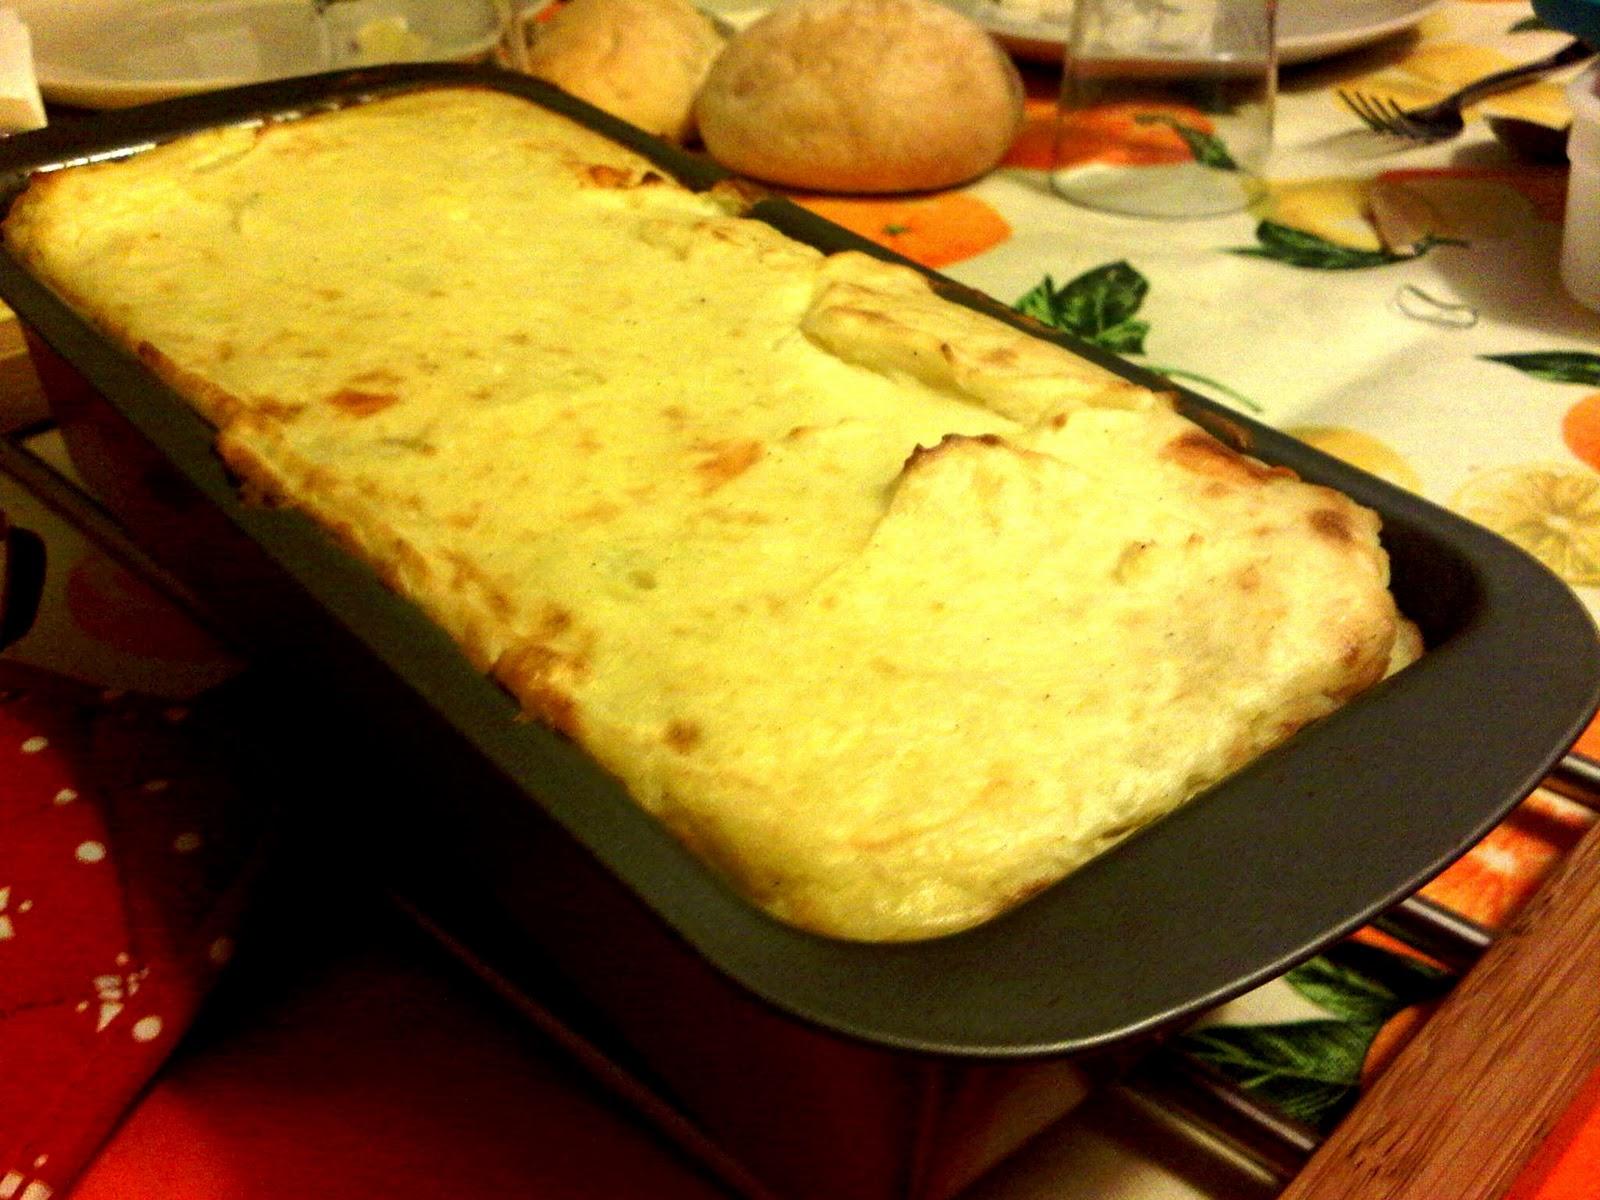 Cucina dietetica al vapore ricette popolari della cucina - Cucina a vapore ricette ...